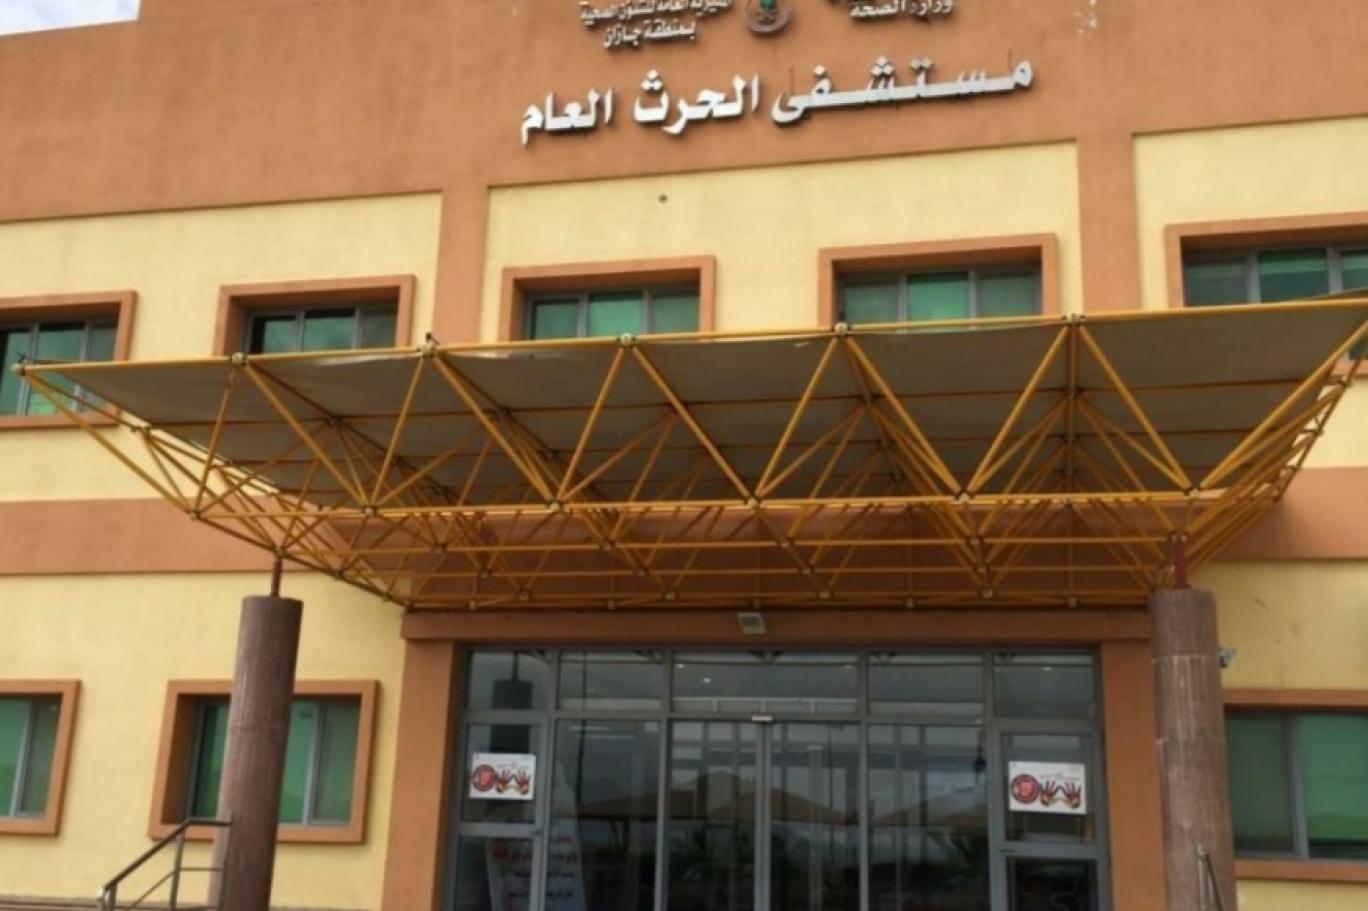 قصف مستشفى الحرث العام في جازان